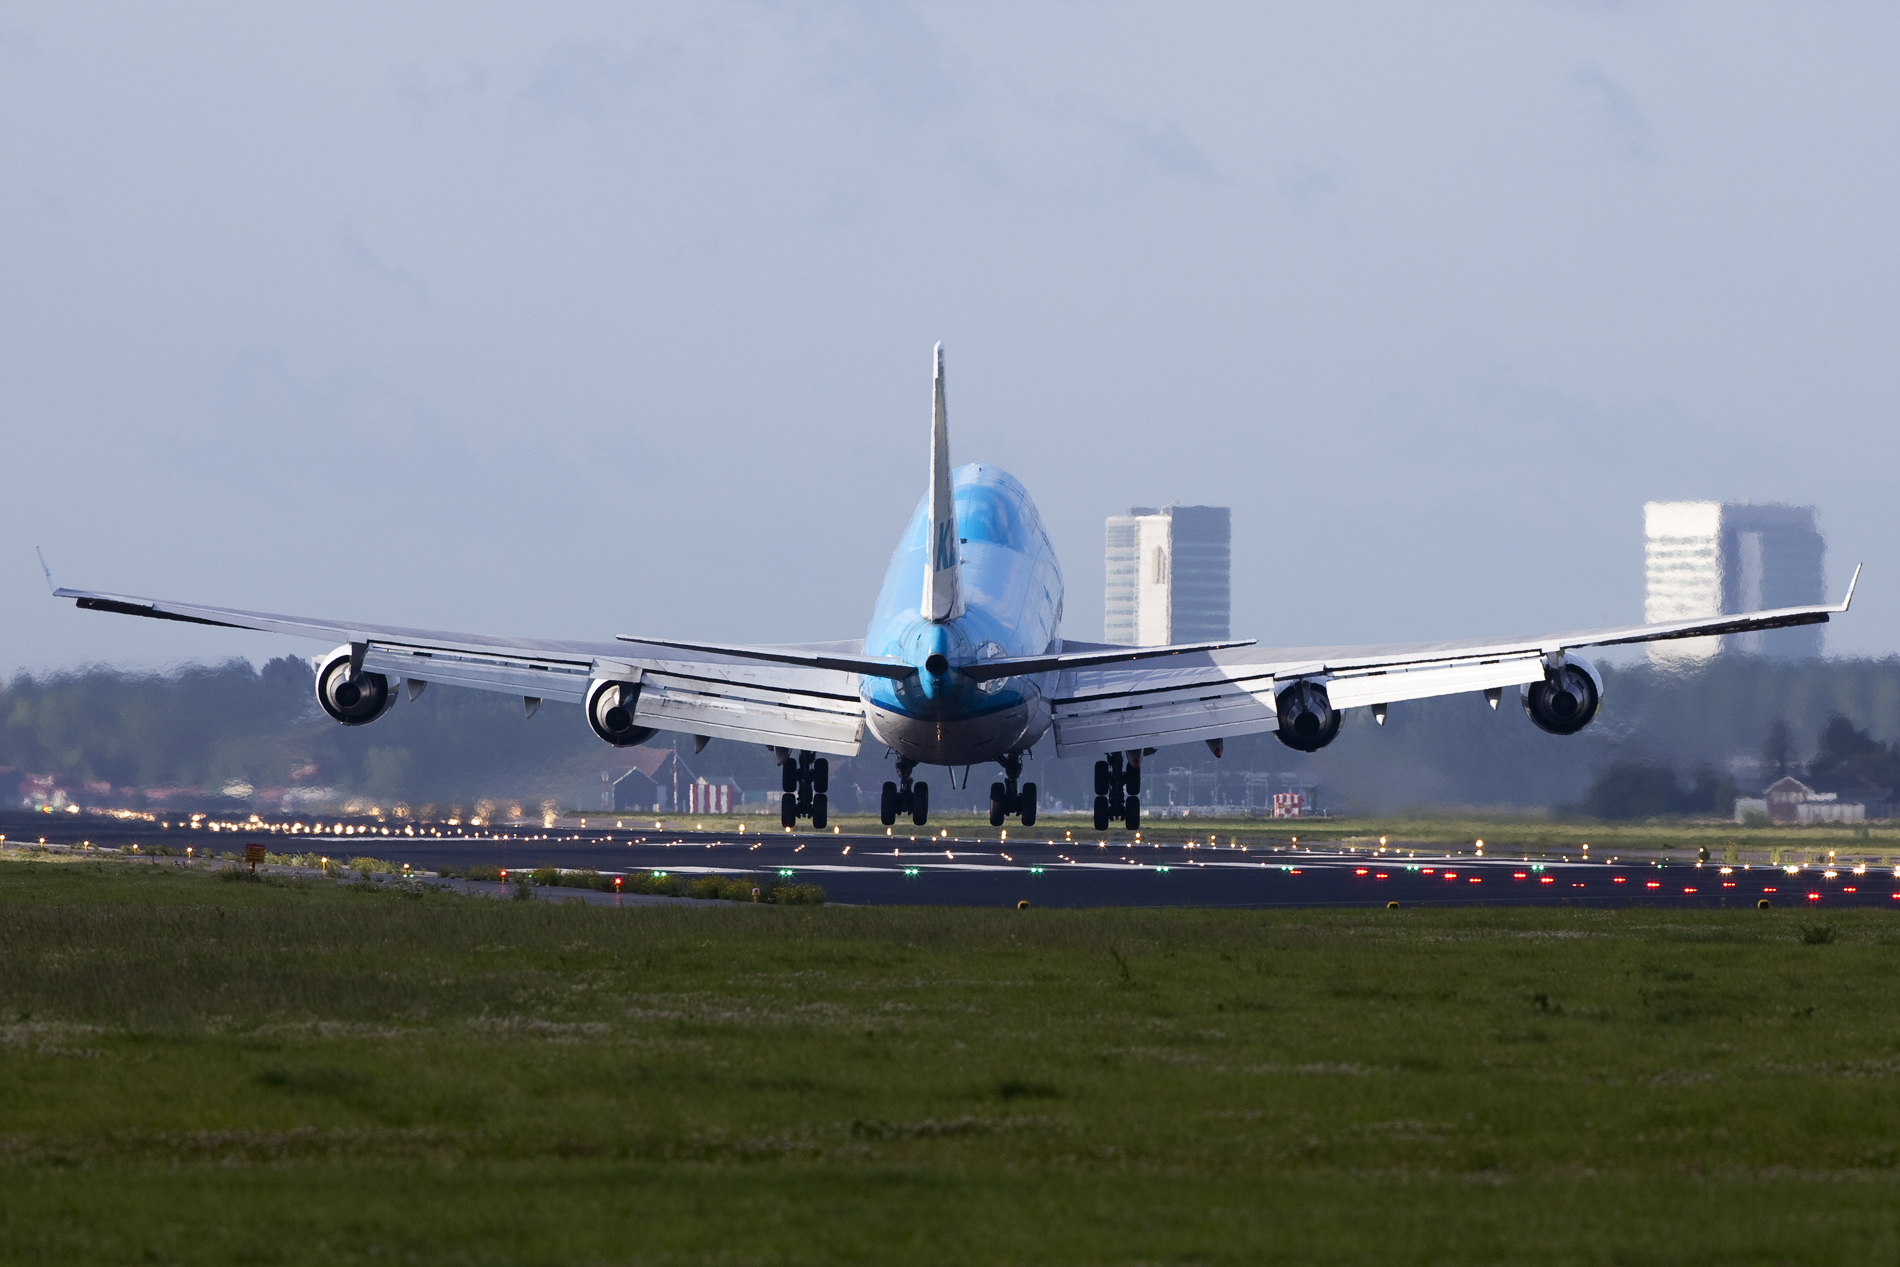 Crosswind landing - Wikipedia